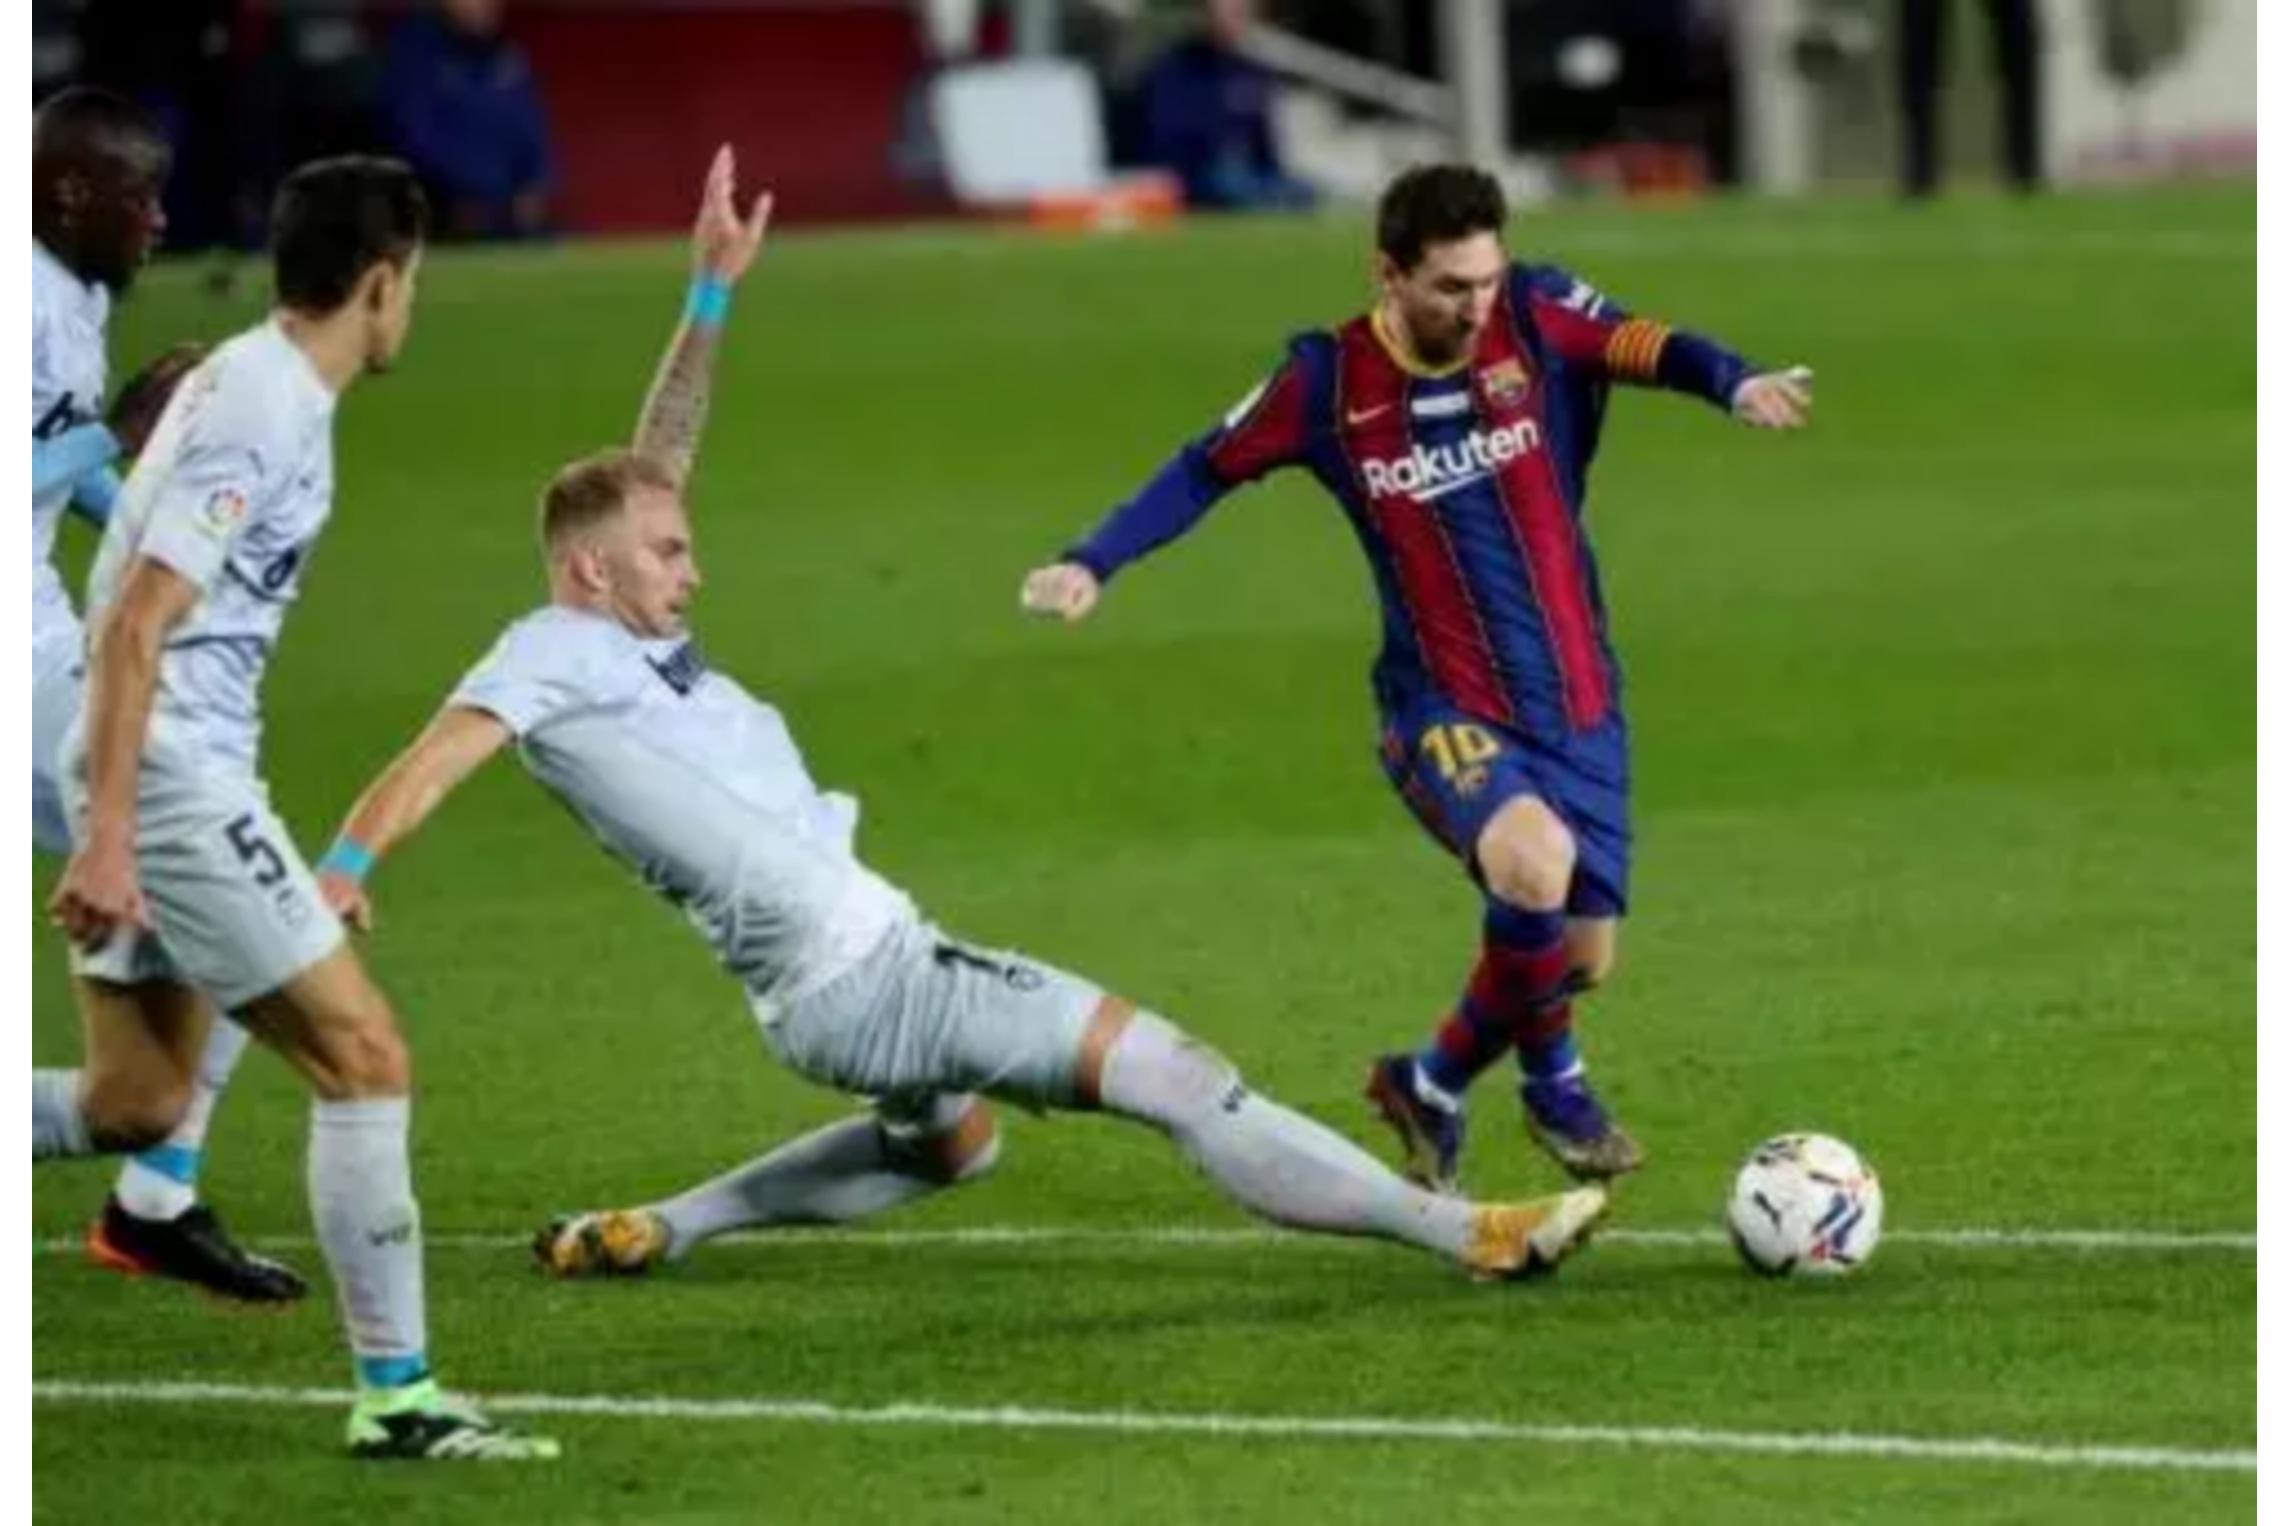 Gagal Cetak Pinalti, Messi Cetak Rekor Bersejarah 3